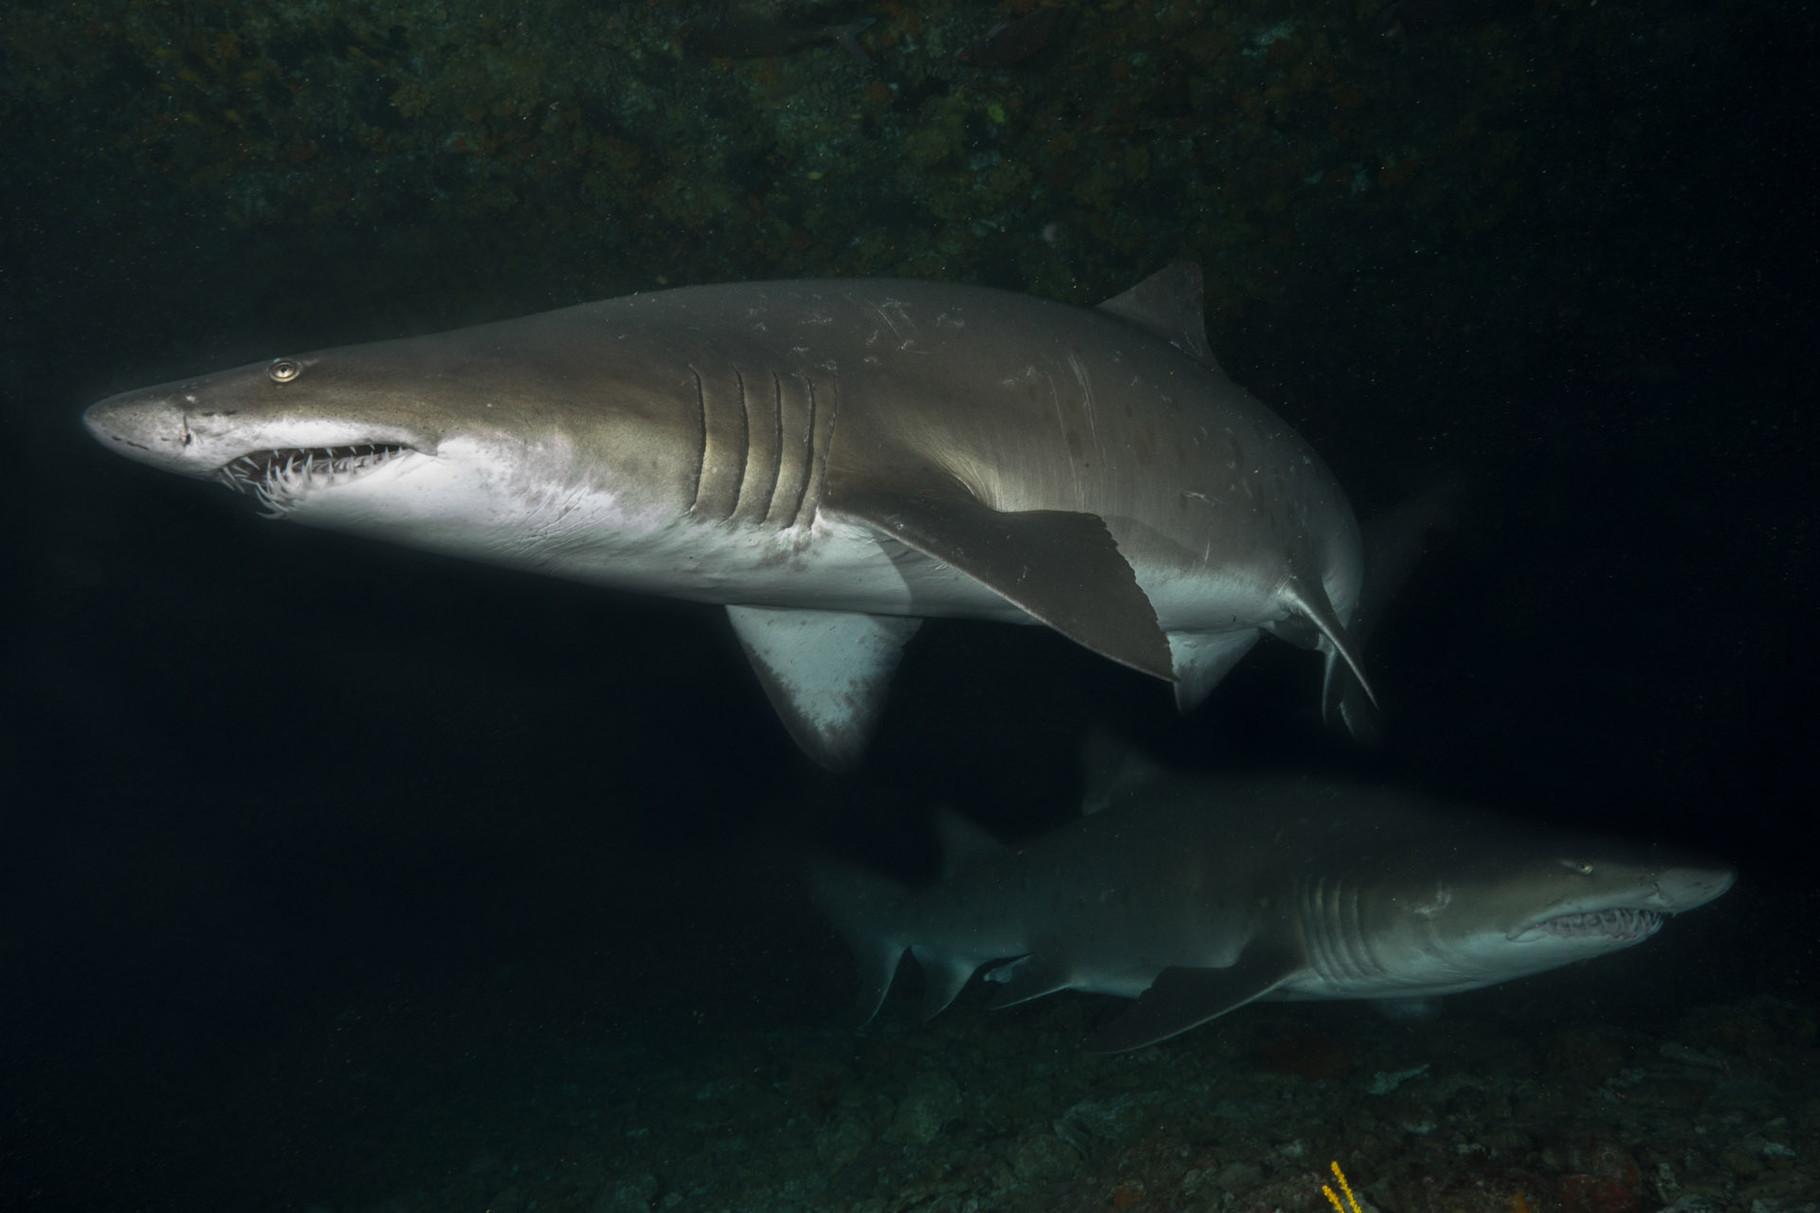 Raggies (Ragged tooth shark or Sandtiger shark)